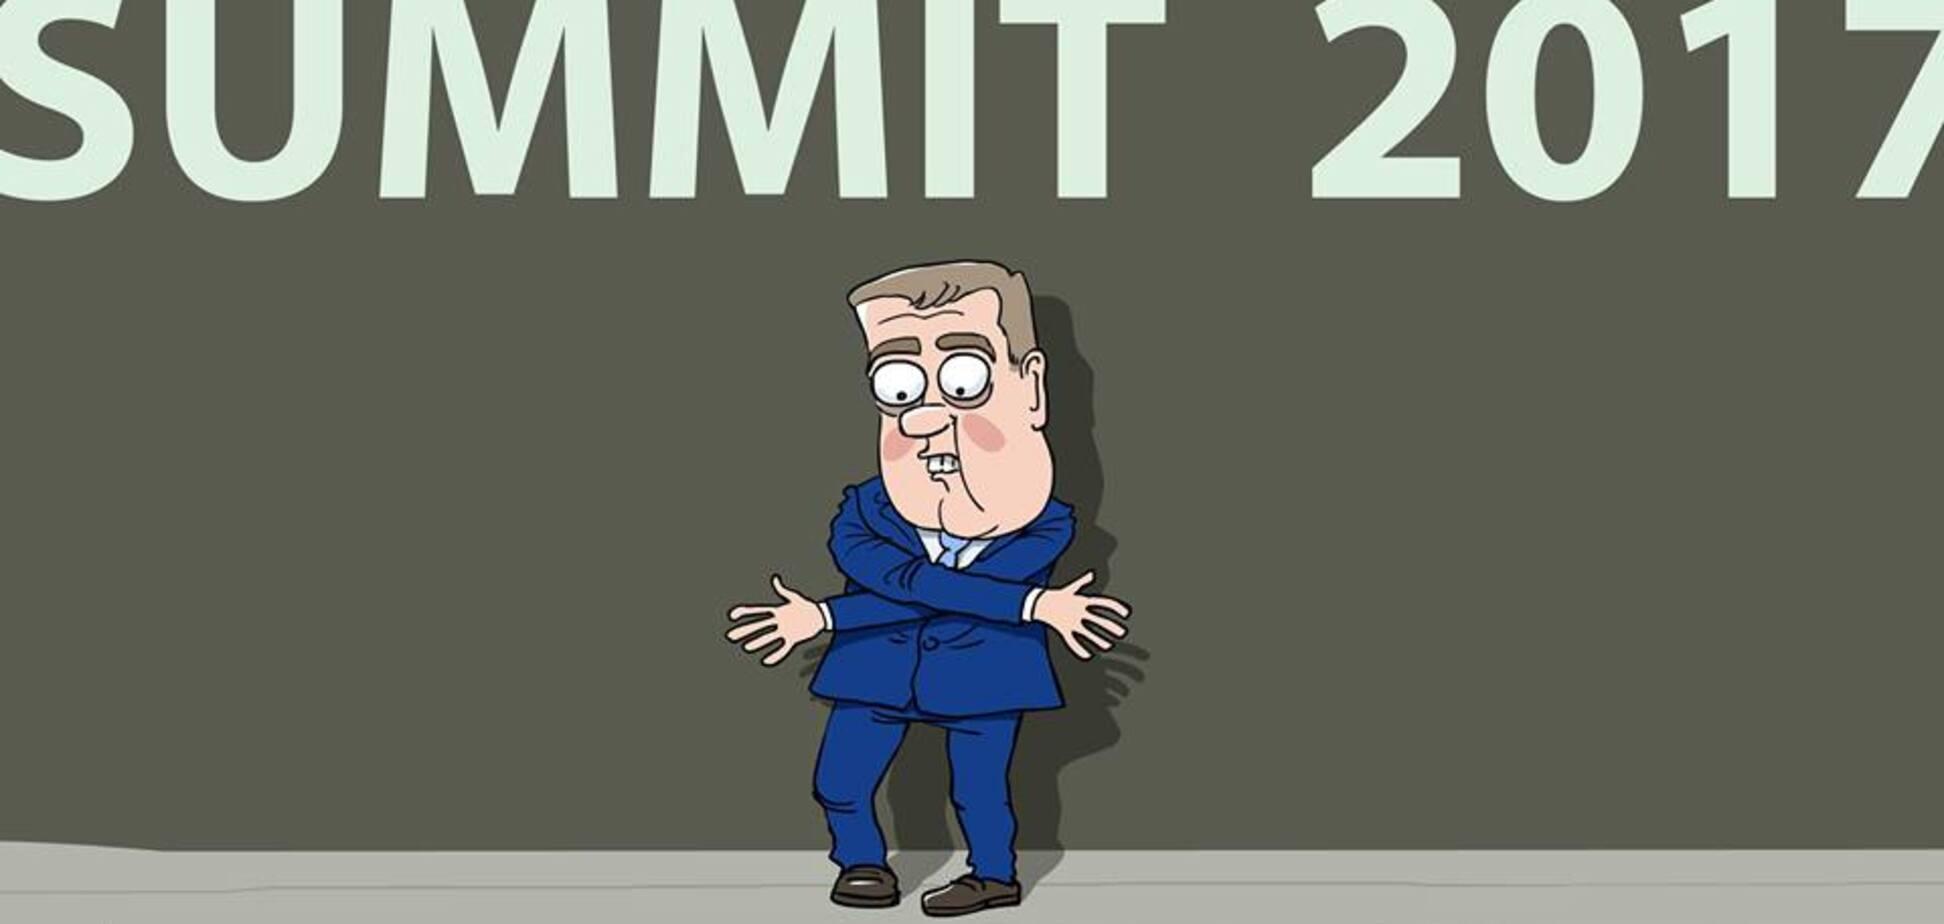 'У Димона это хроническое': сеть рассмешила карикатура на конфузное фото Медведева